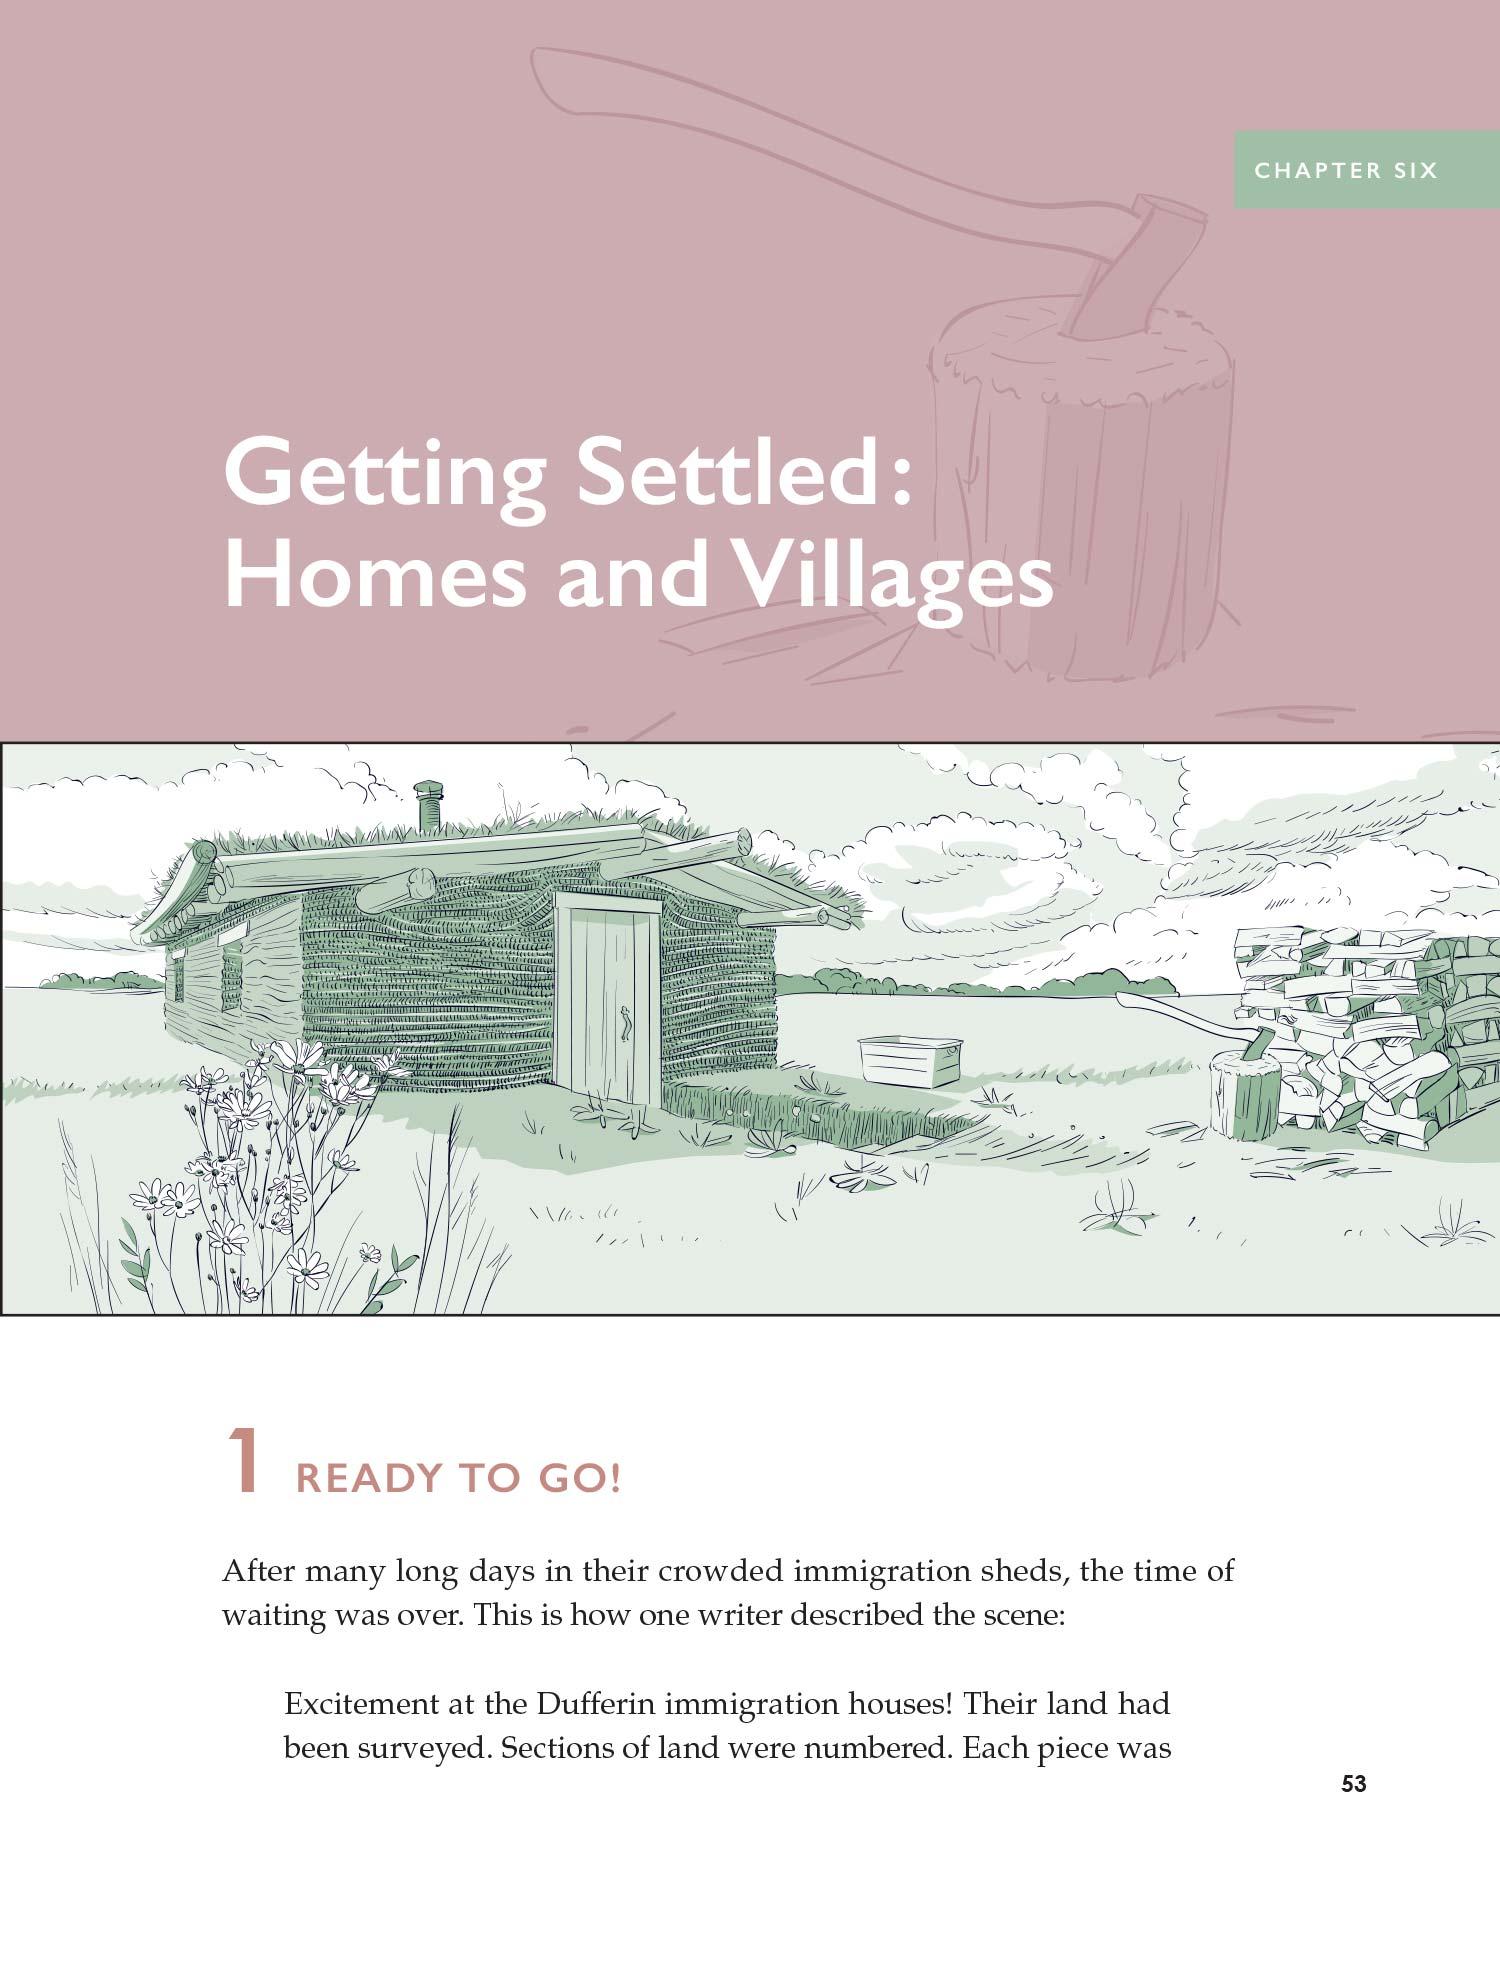 mennonite-history-educational-book-design-aniko-szabo-5.jpg